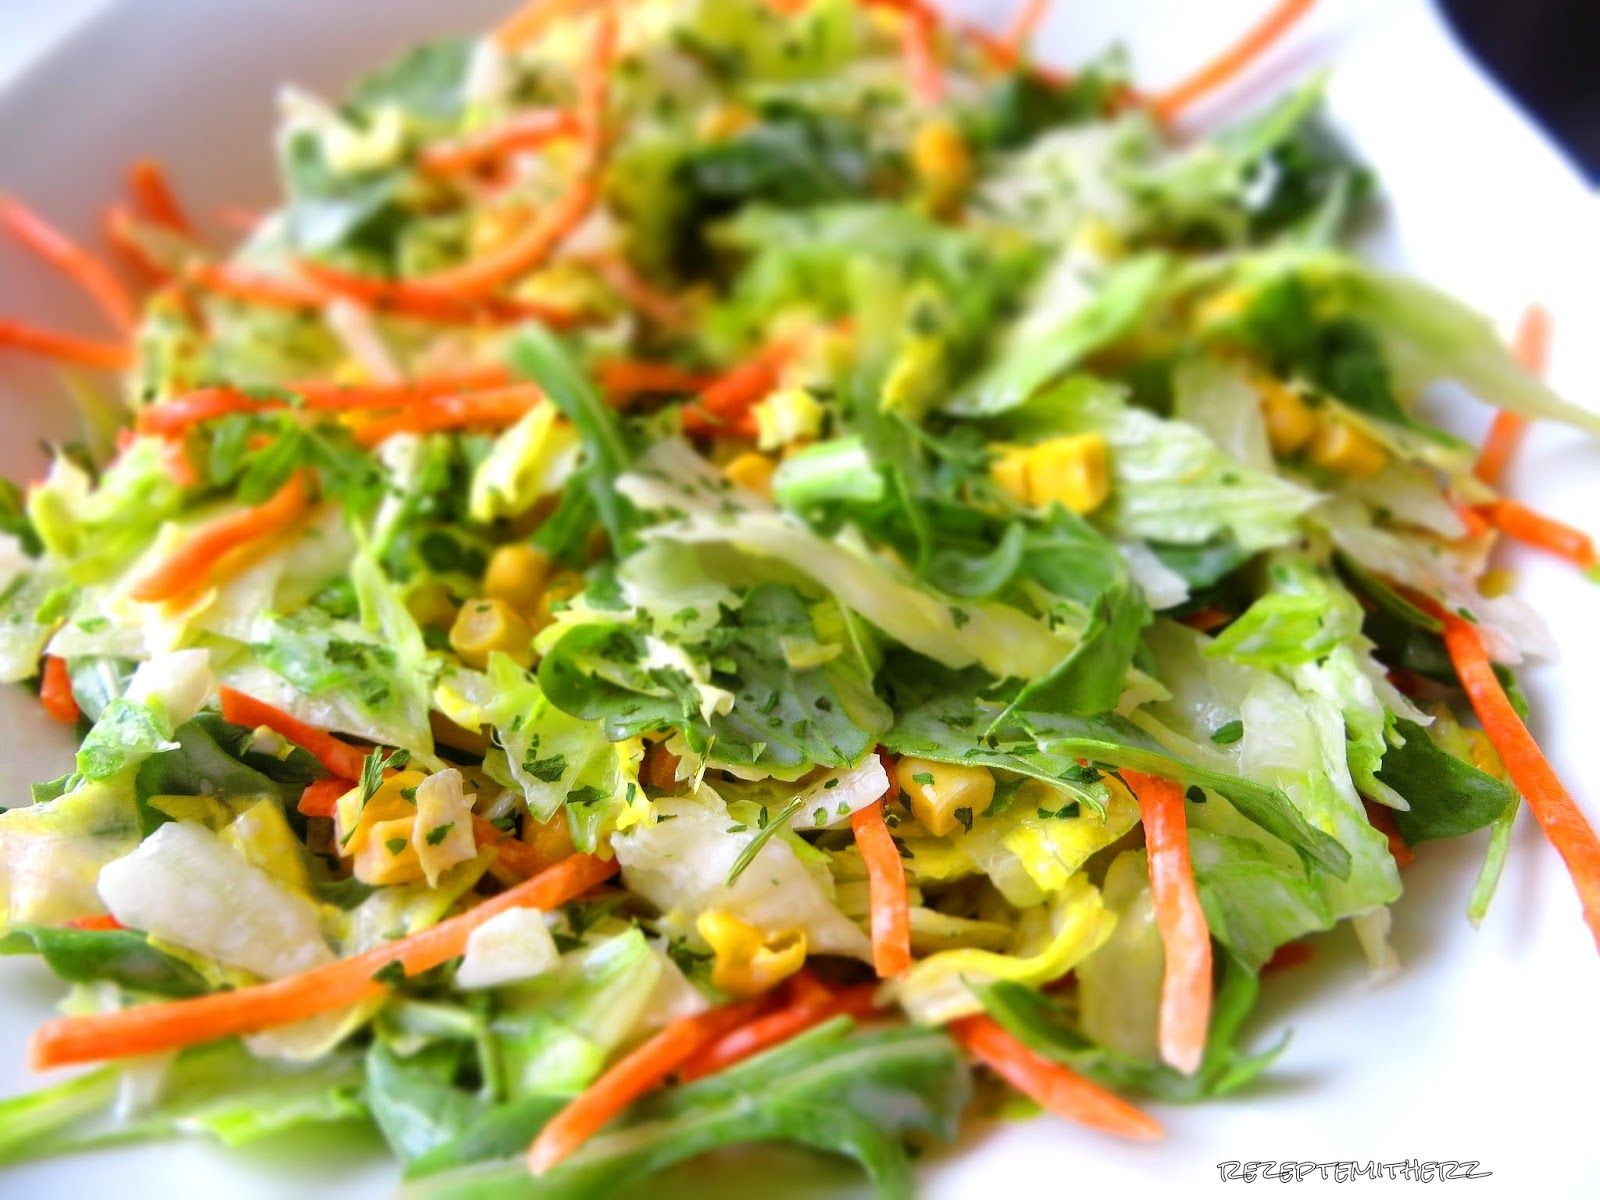 Salatdressing rezept eisbergsalat